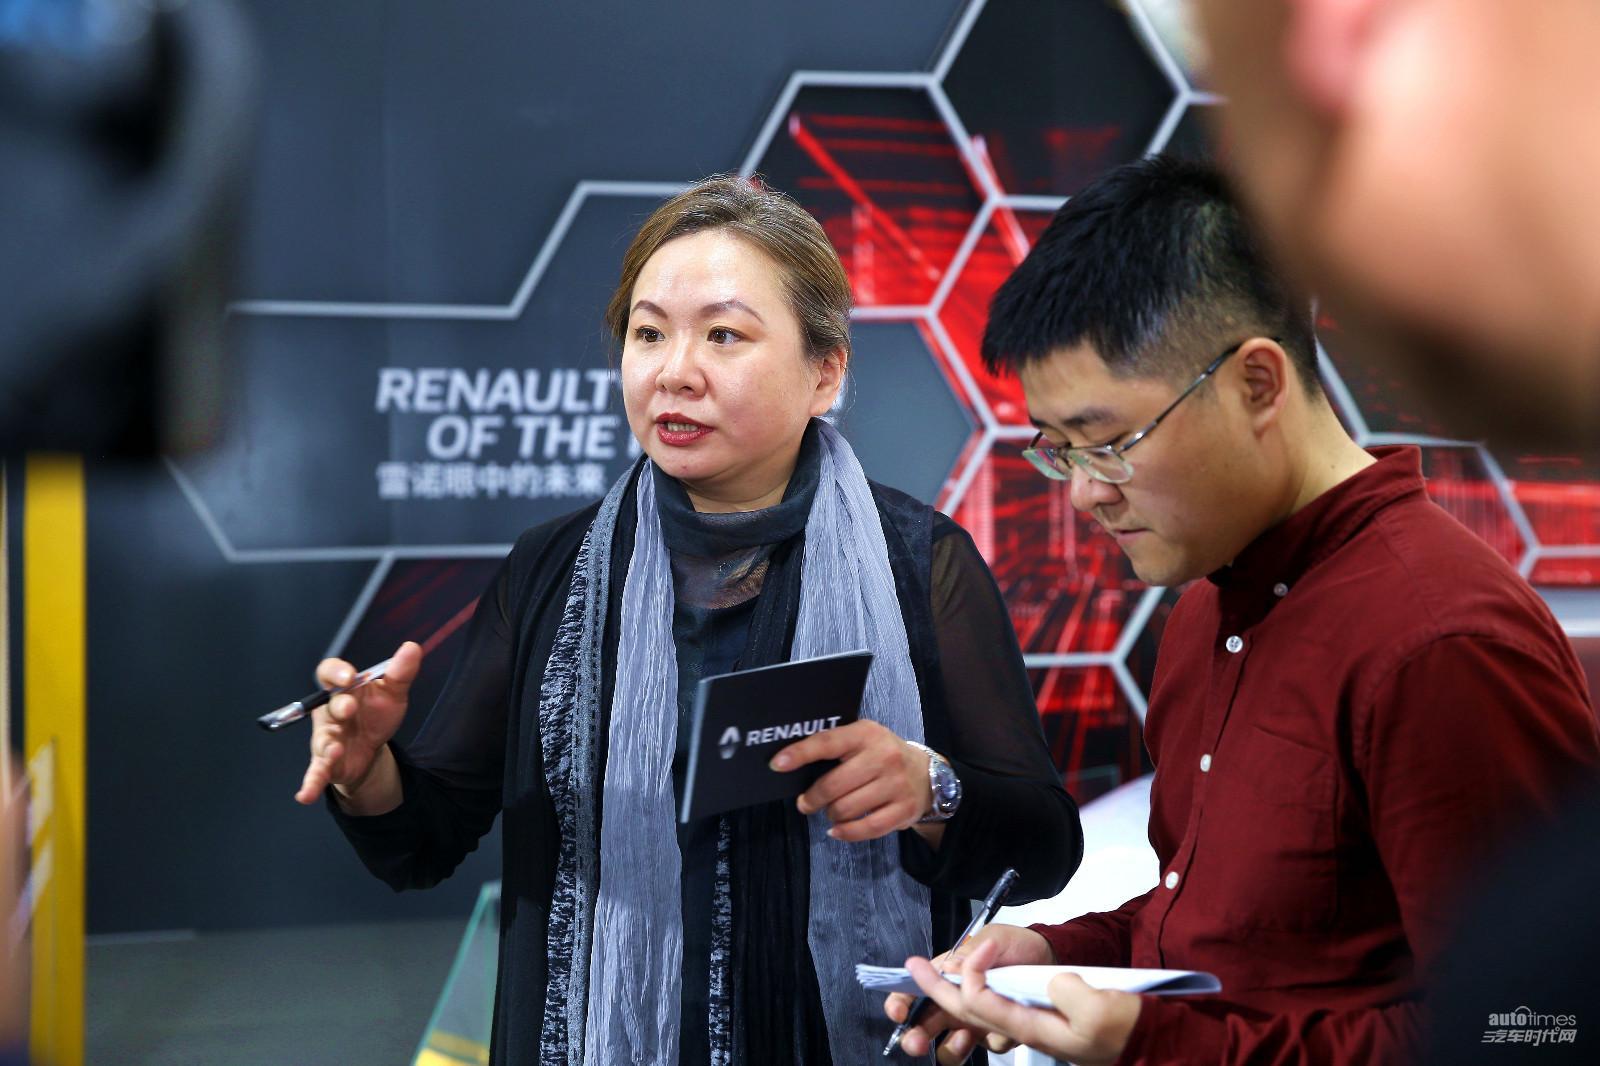 东风雷诺汽车有限公司市场销售部部长助理 周秀妍